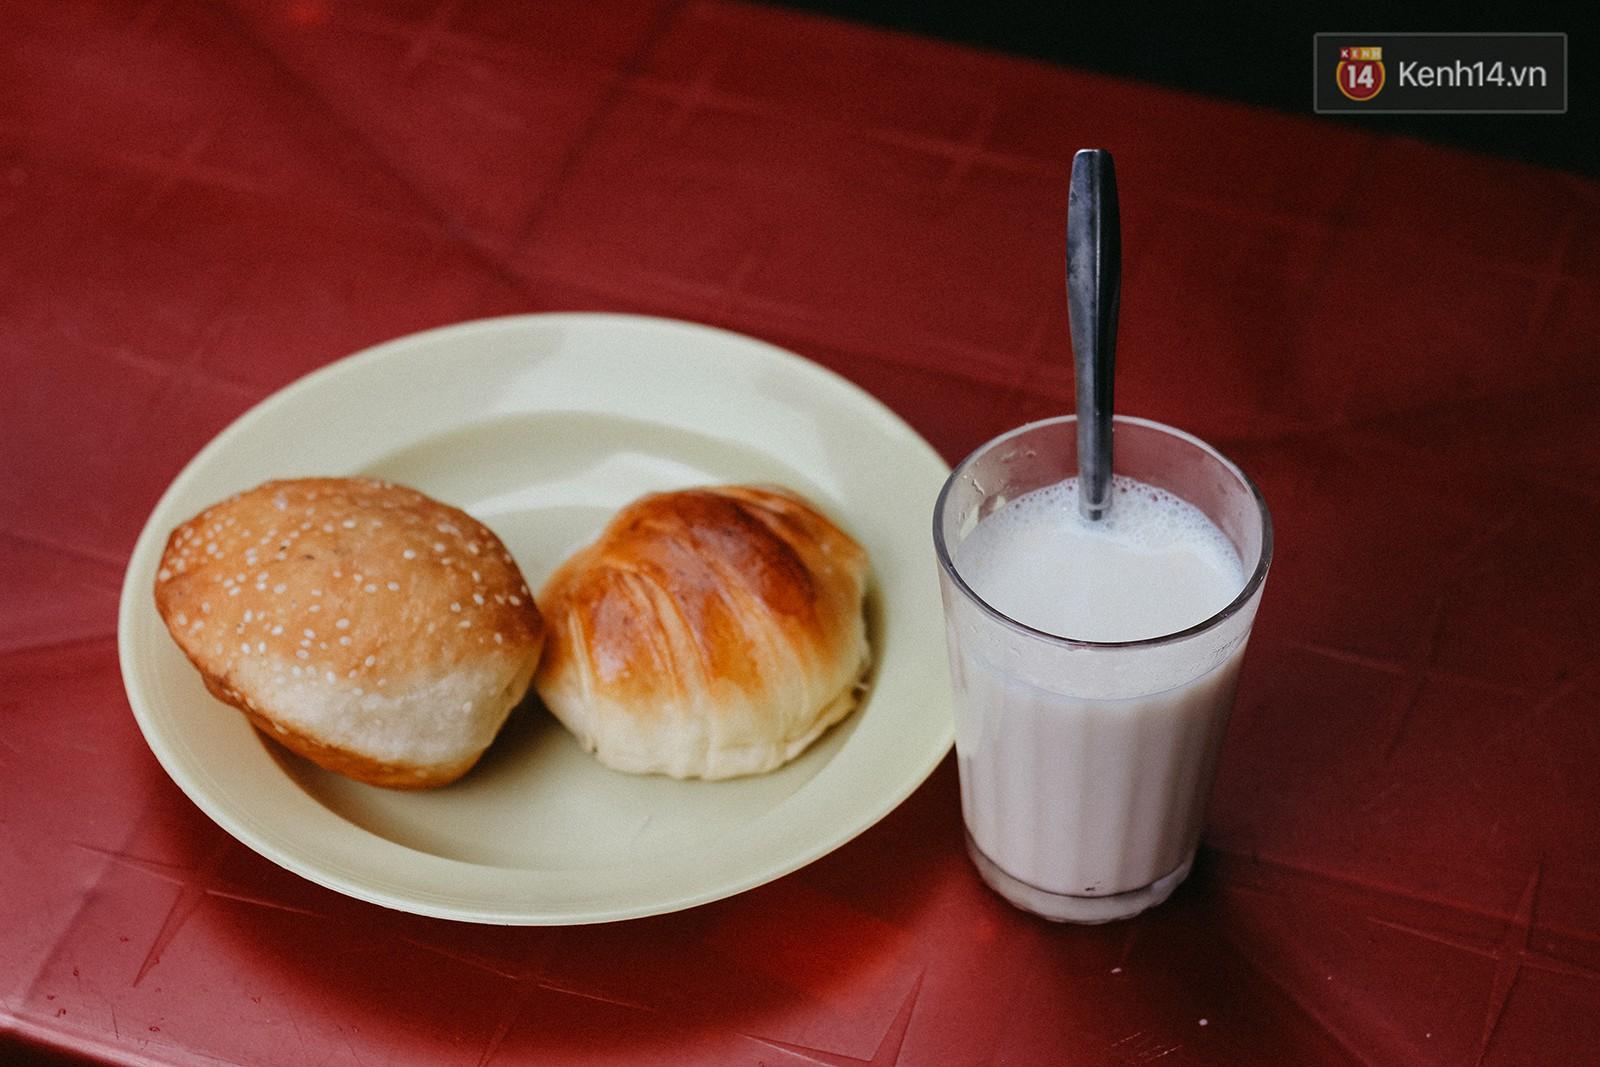 Đà Lạt lạnh là thế nhưng đi 1 mình cũng không thấy cô đơn nếu biết mò ra địa chỉ uống sữa này - Ảnh 1.